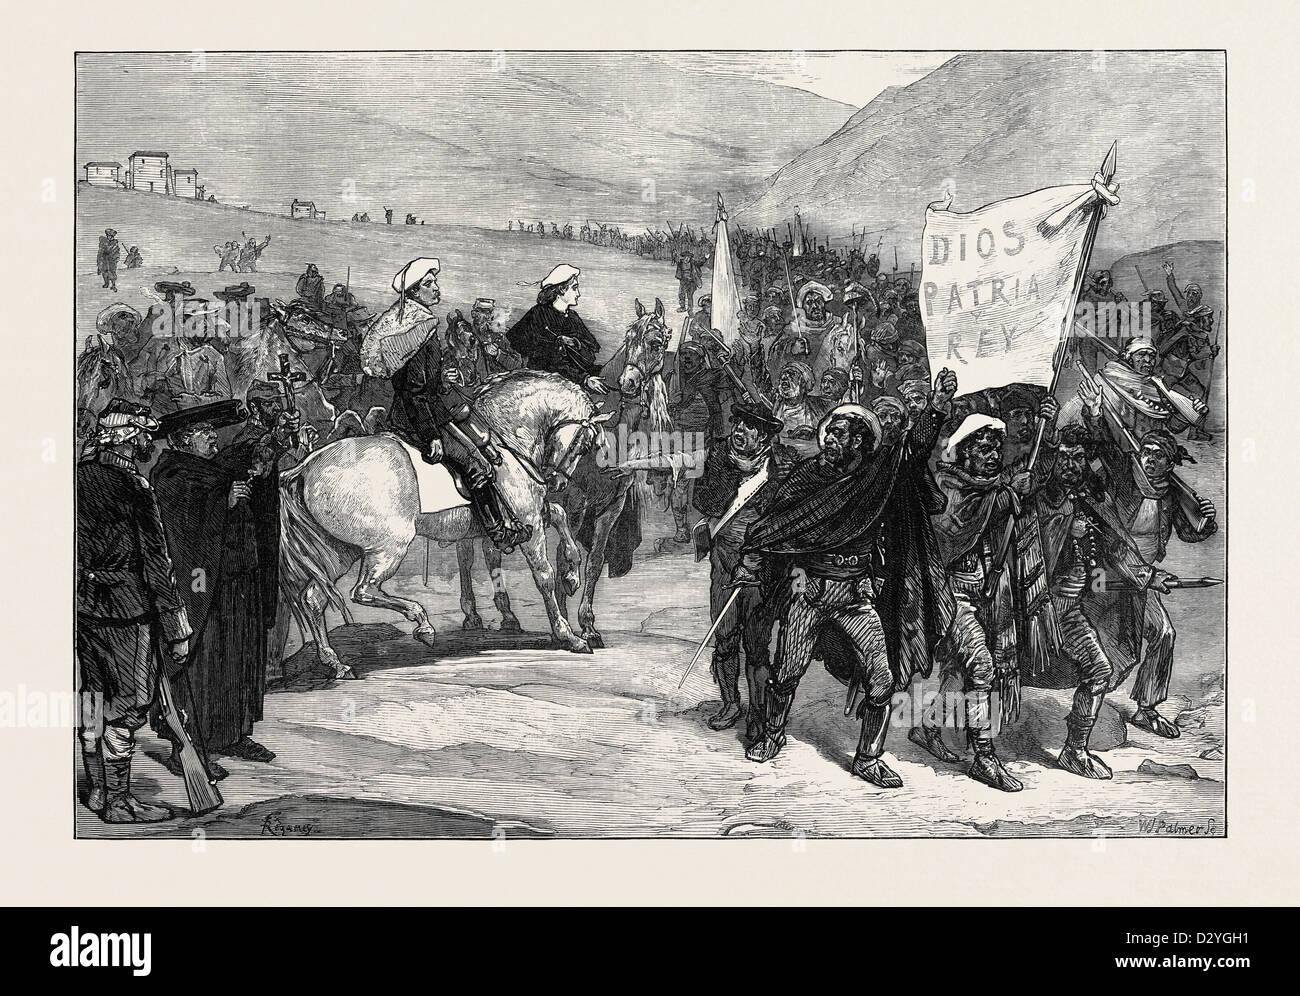 ÜBERPRÜFUNG DER CARLIST FREIWILLIGE IN KATALONIEN VON DON ALFONSO 1873 Stockbild